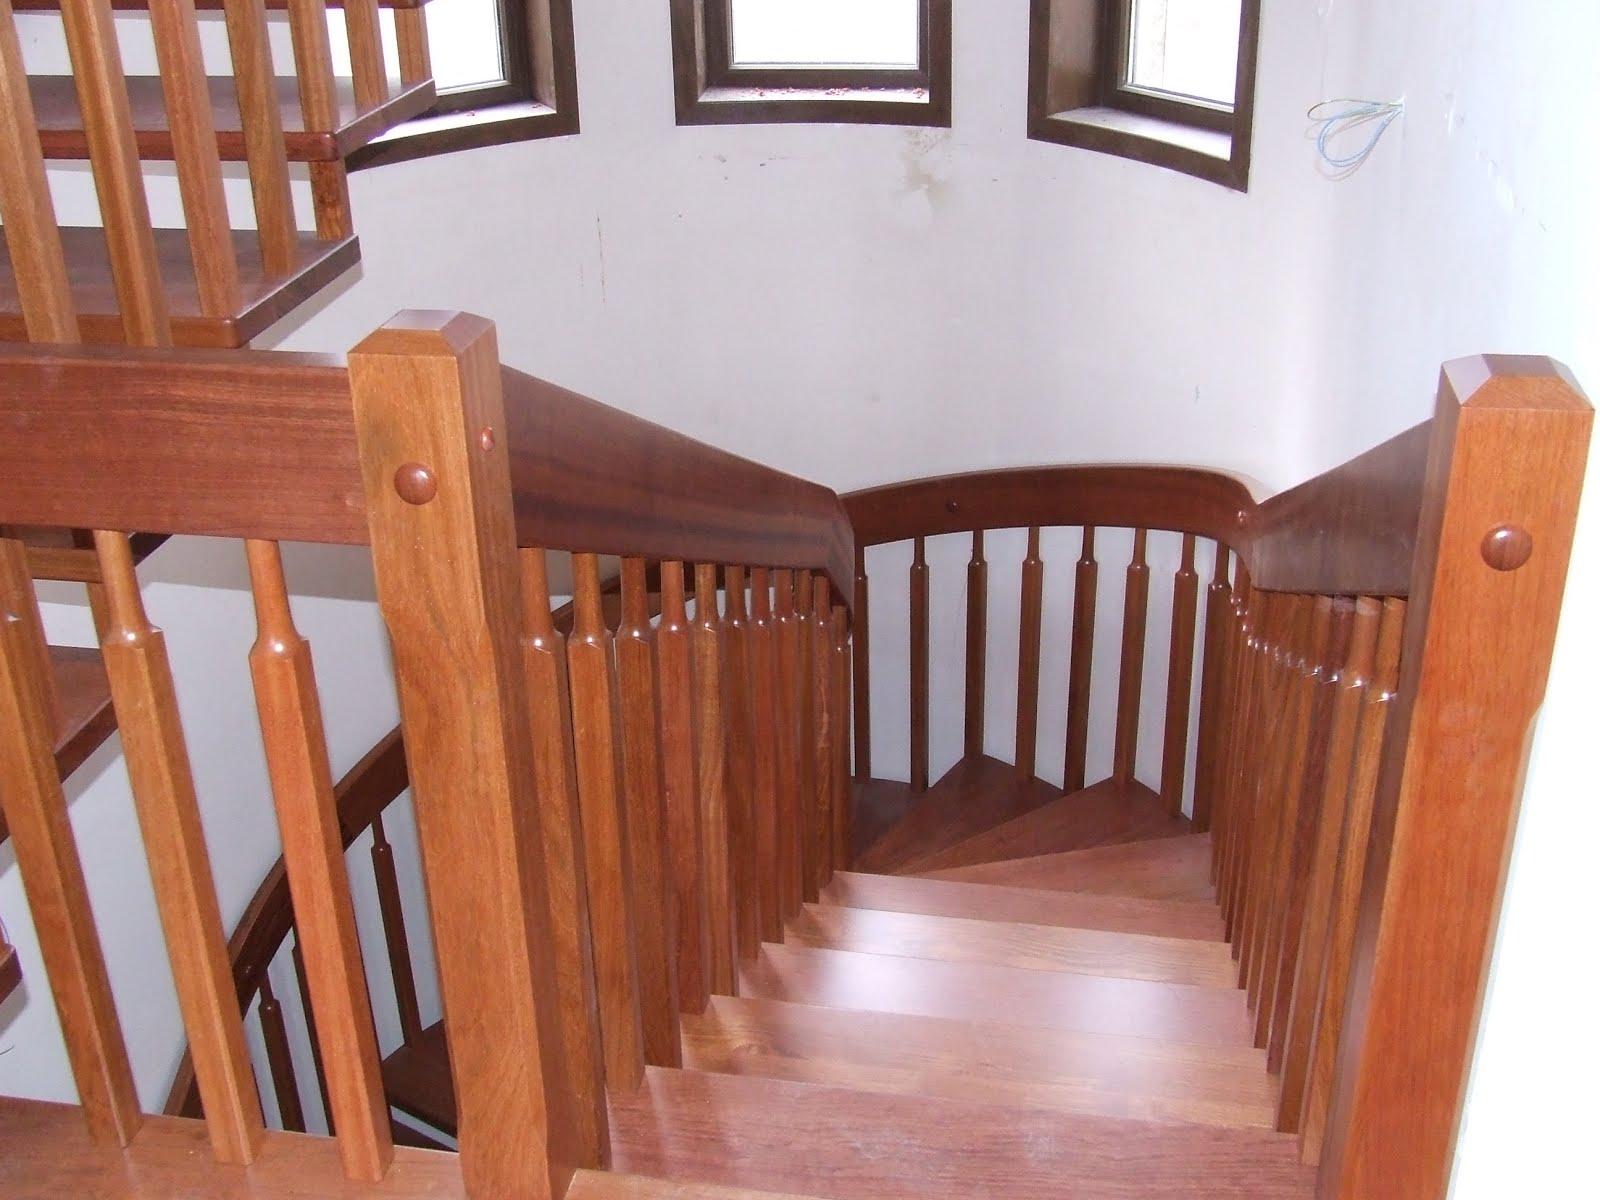 Escaleras de madera majestuosas escaleras halicoidales - Construir escalera de madera ...